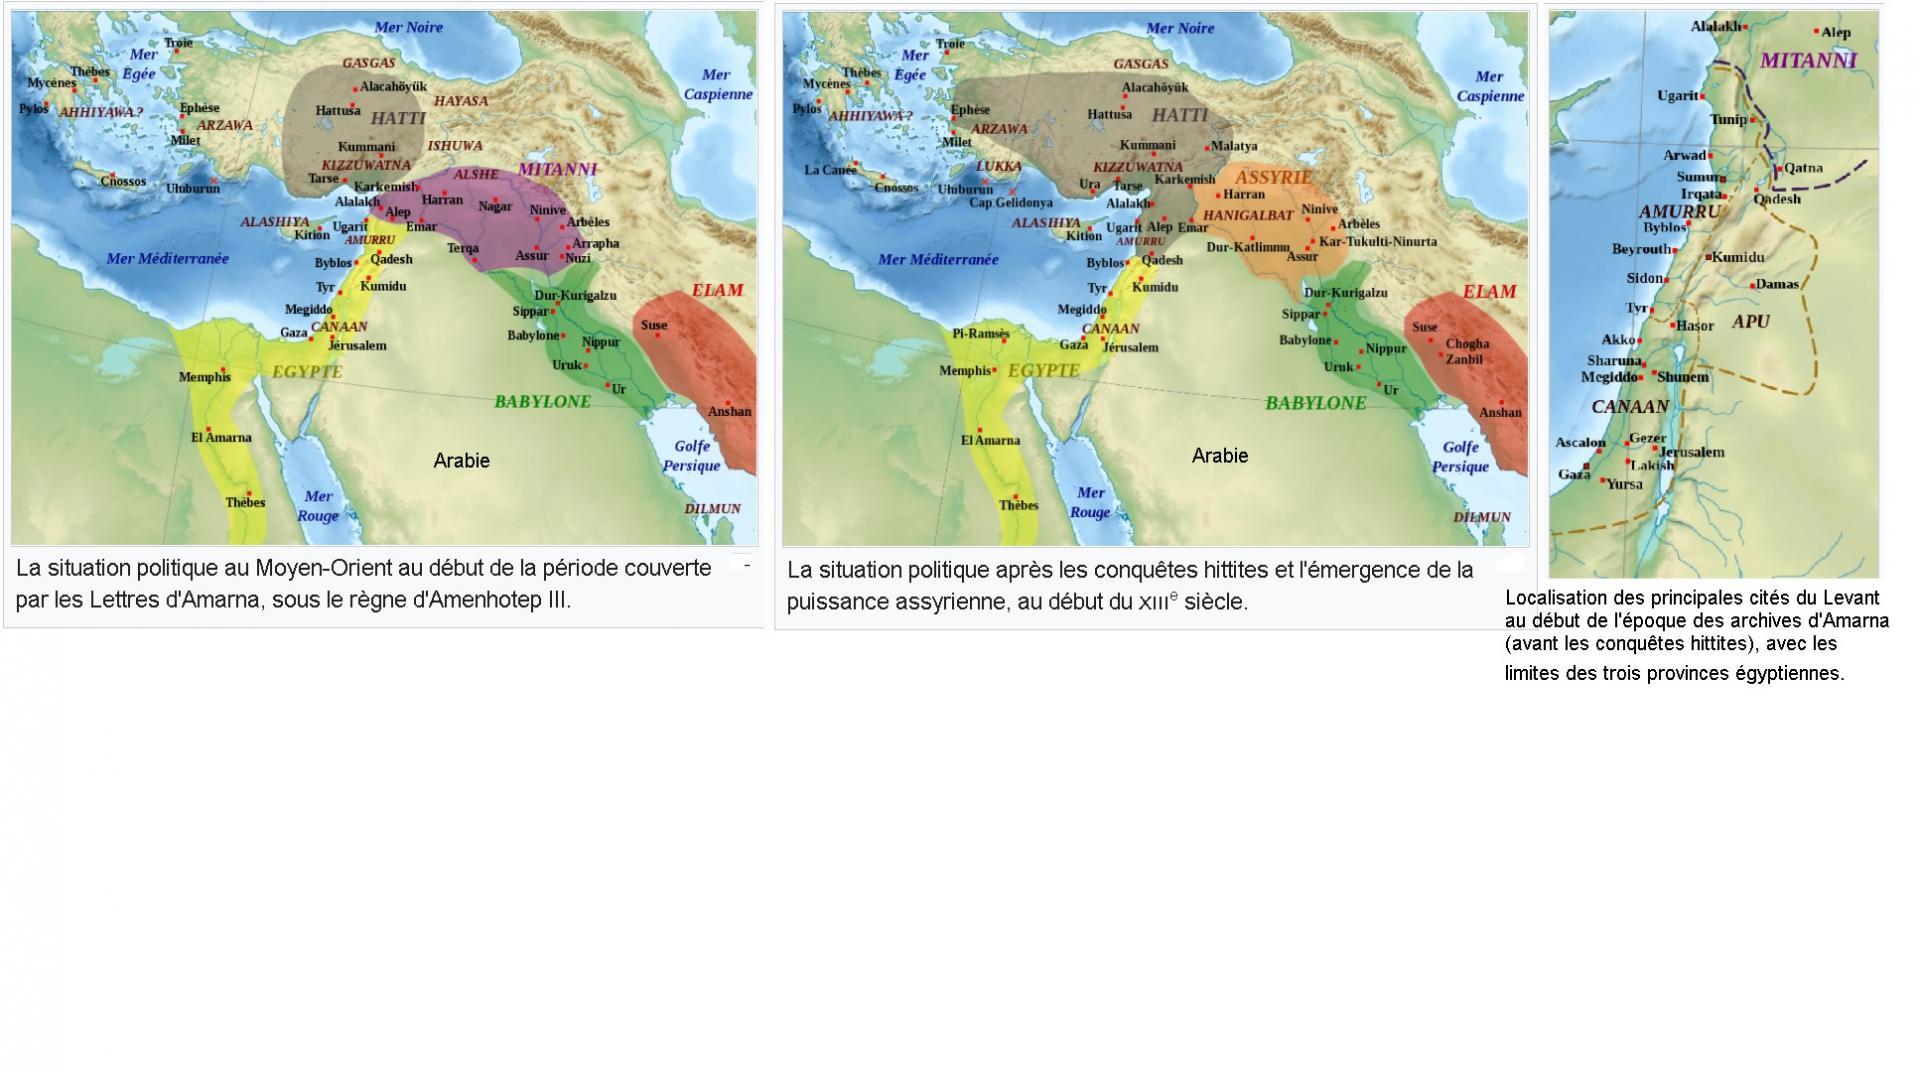 Canana aux temps de la 18e dynastie les lettes d armana